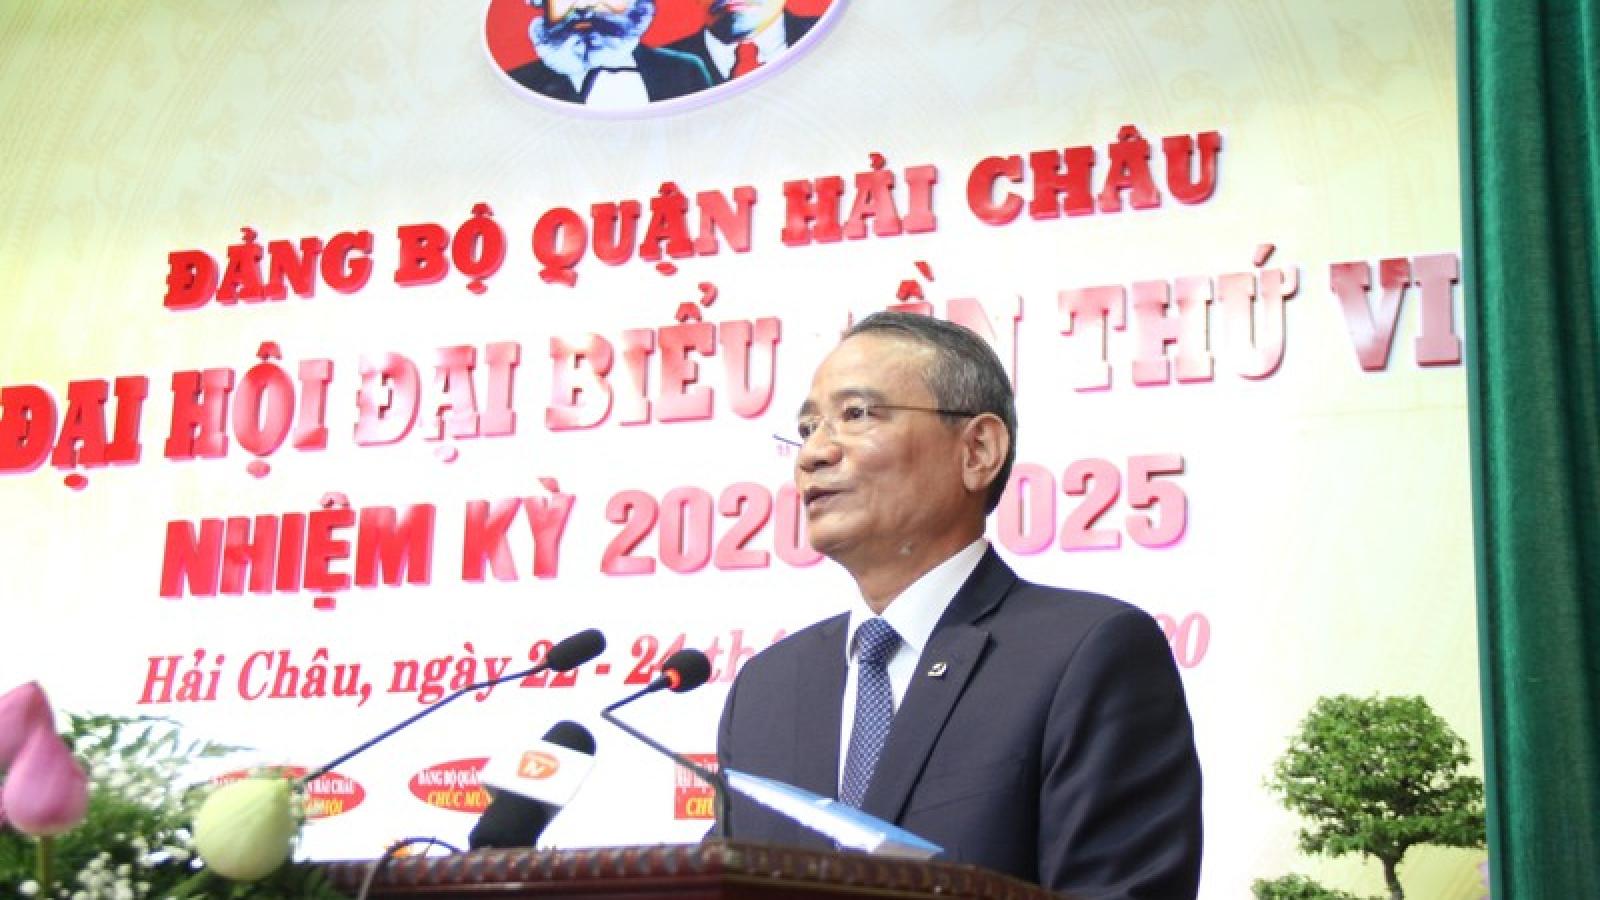 Ông Lương Nguyễn Minh Triết tái đắc cử Bí thư Quận ủy Hải Châu